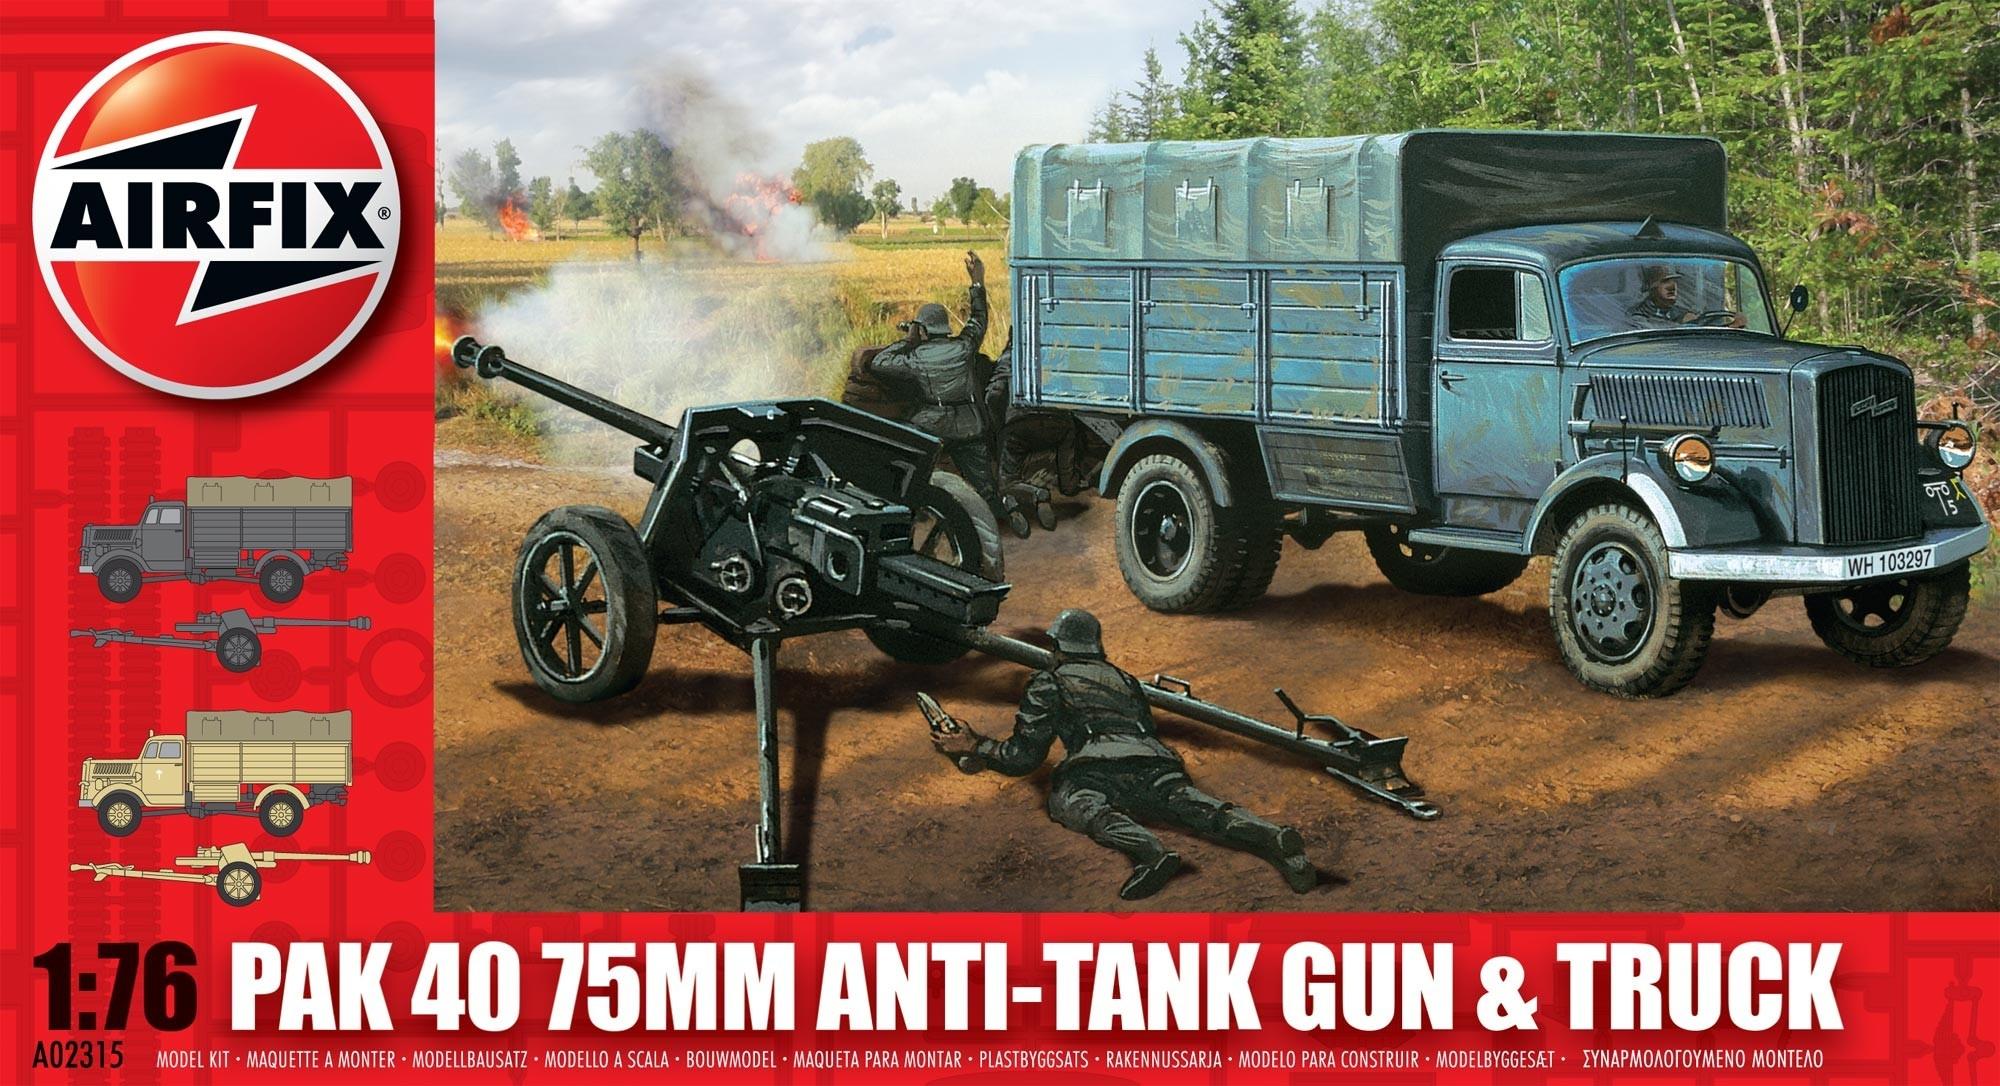 Airfix Opel Blitz & Pak 40 Gun  - Scale 1/76 - Airfix - AIX A02315